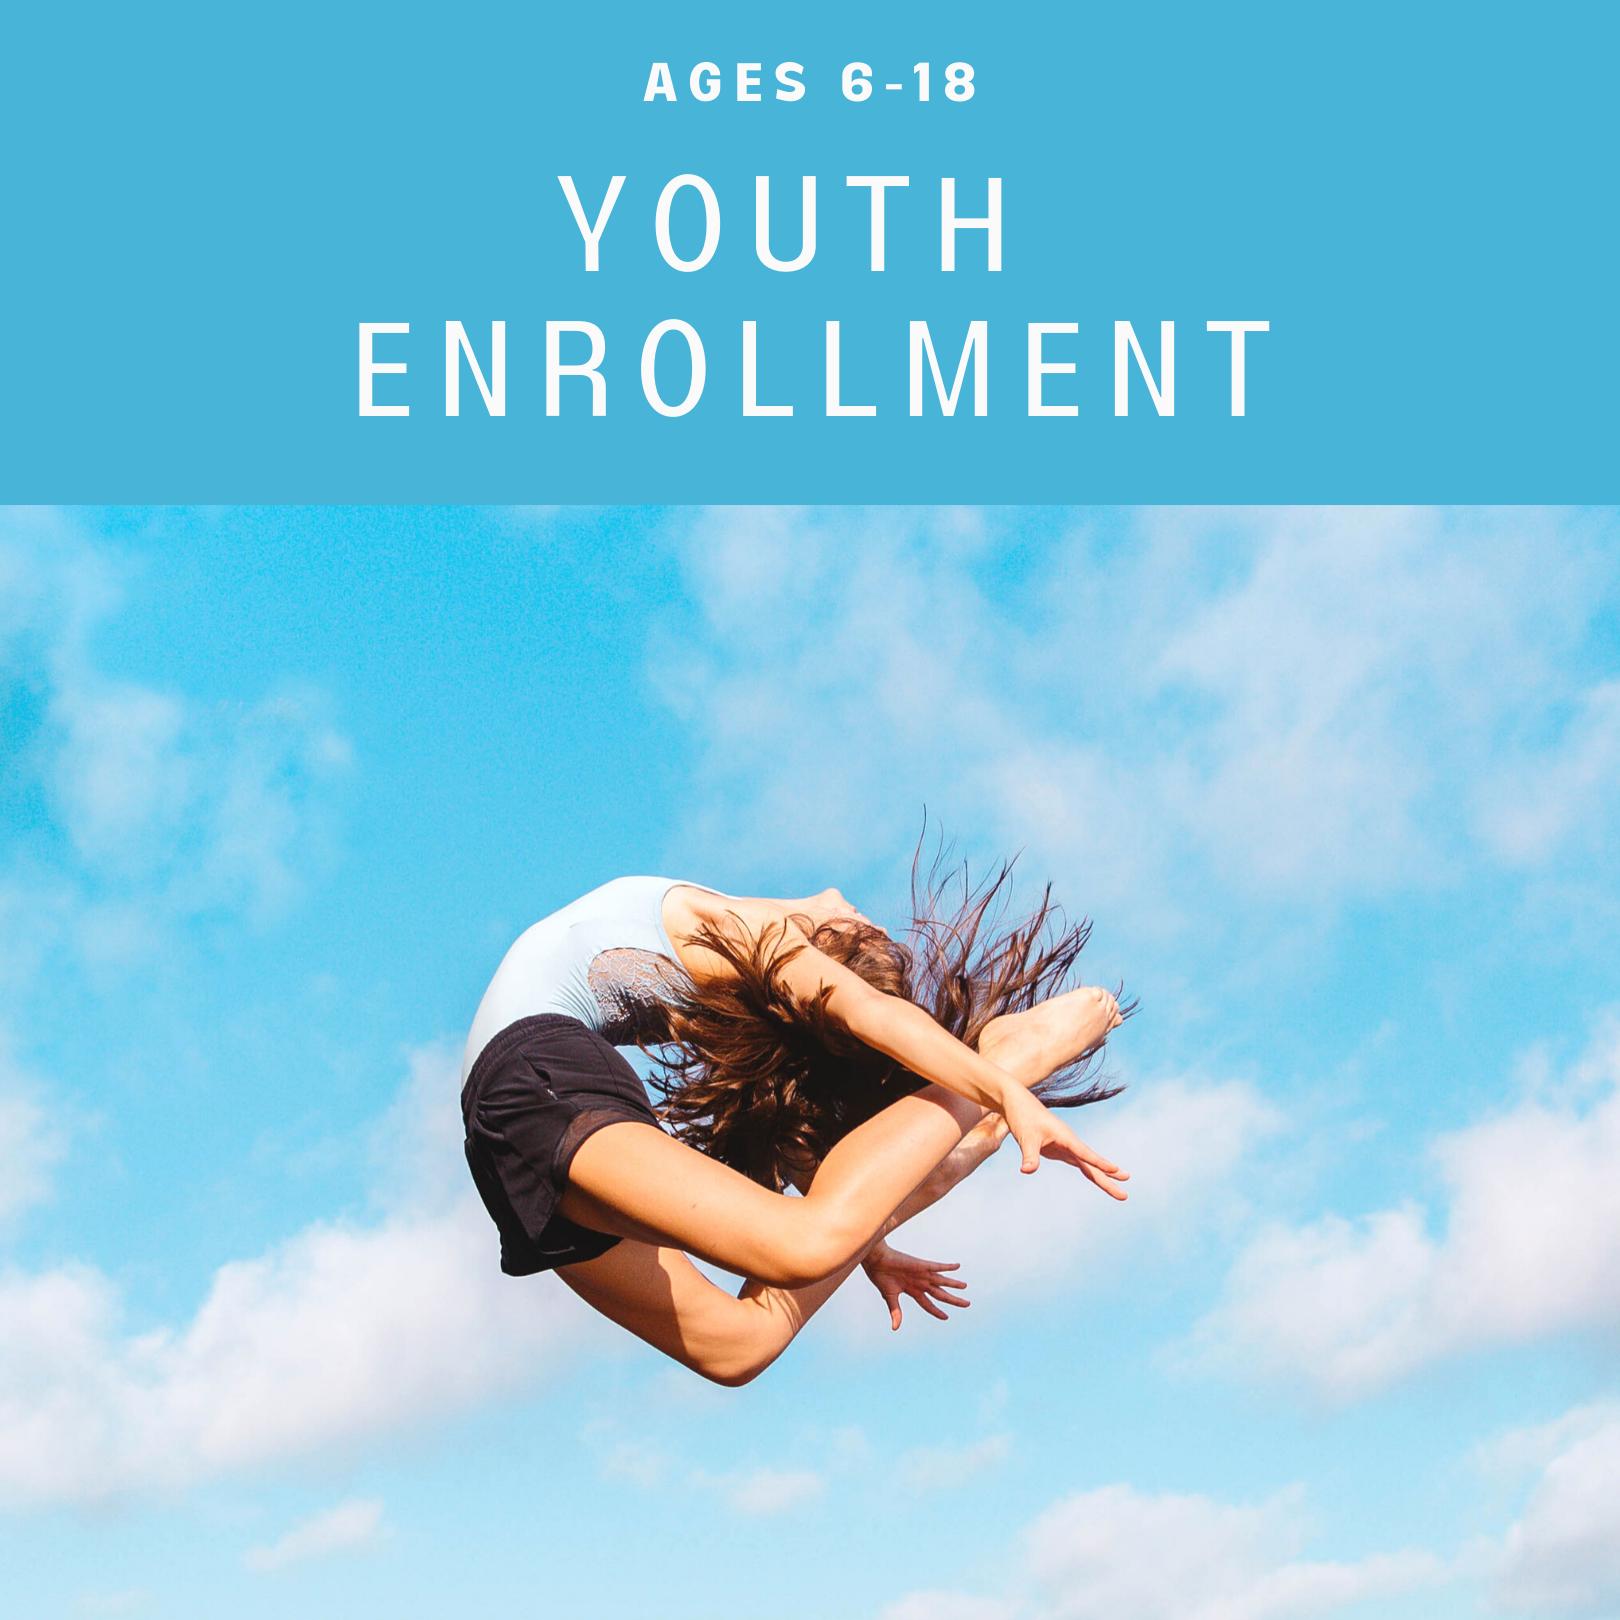 Fall Youth Enrollment